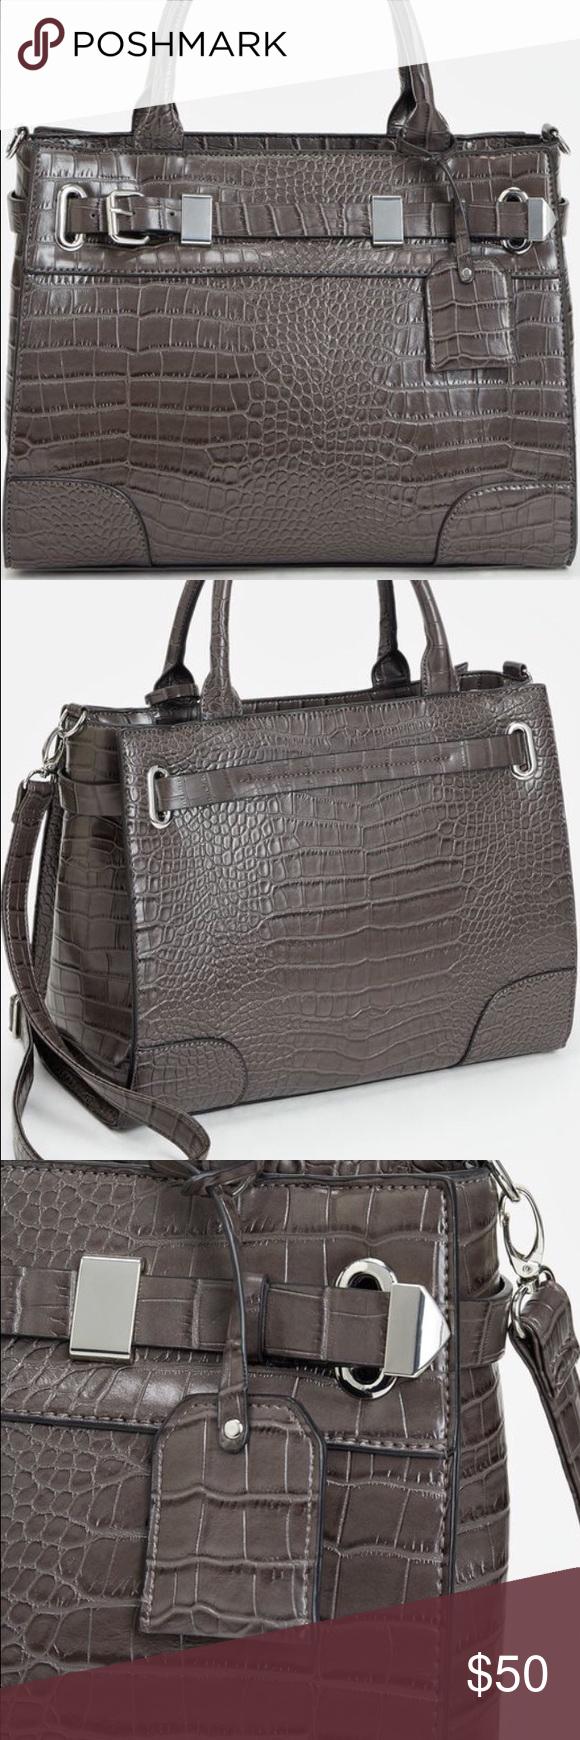 """Super cute satchel Bag details *Material: faux leather, size: 14L x 11.5H x 6.5D , shoulder drop measurement: 7"""", removable adjustable shoulder strap, pockets: 1 interior pocket , 1 interior zip, closure: zip closure     Fabulous bag!!! Bags Satchels"""